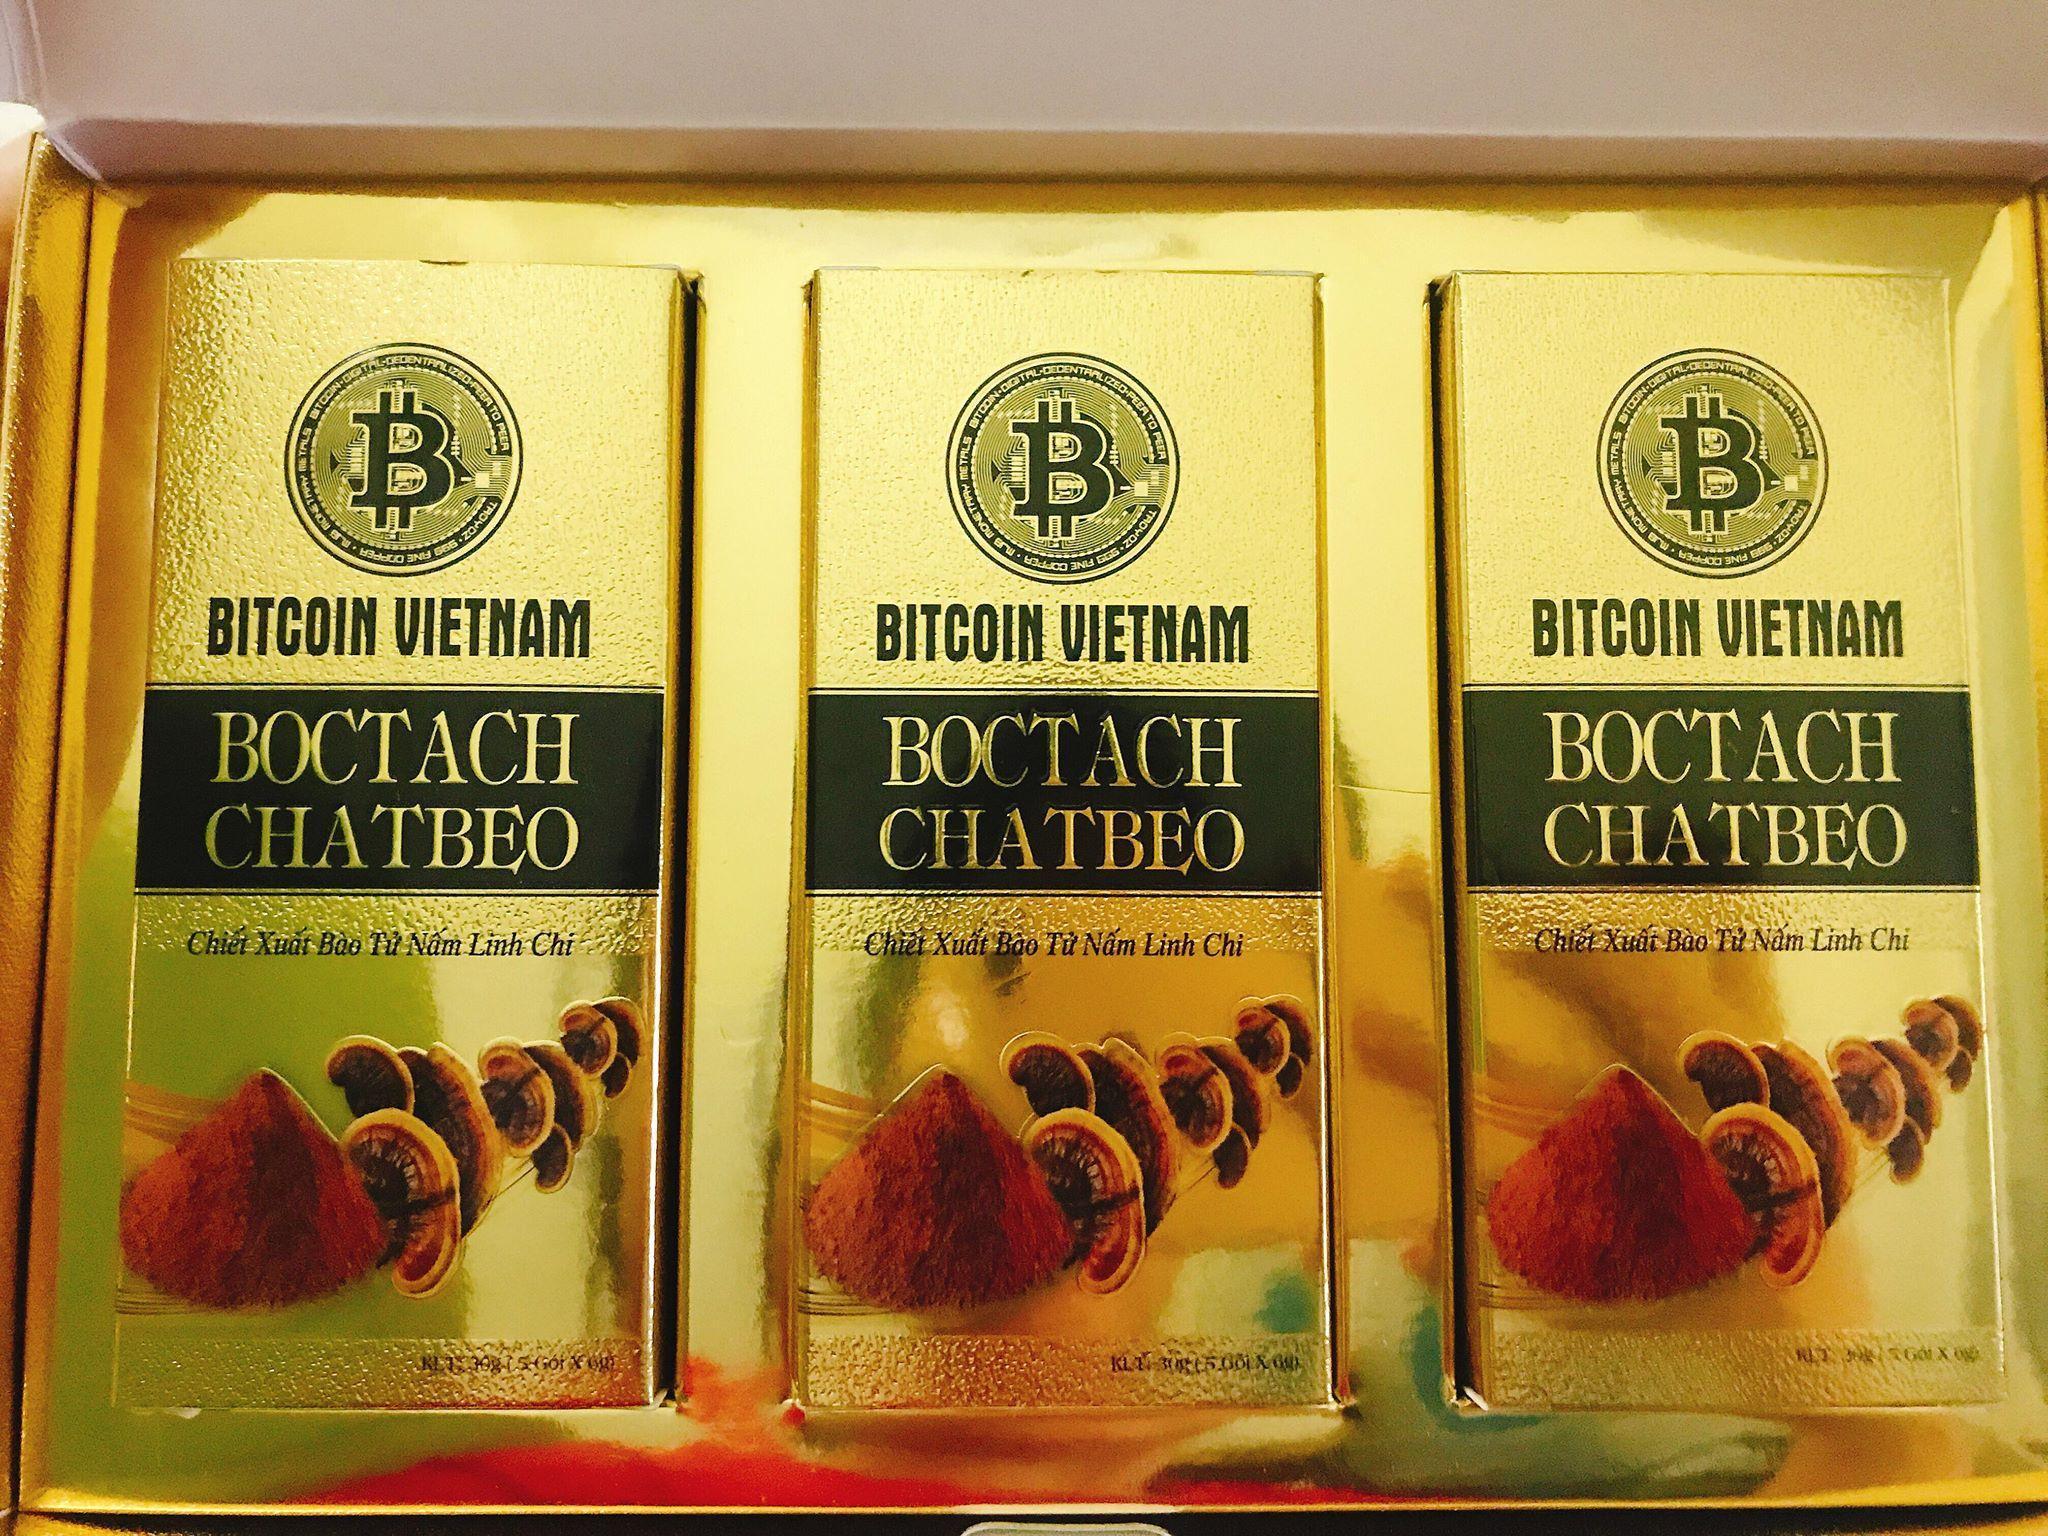 Boctach Chatbeo Giảm Cân Cực Nhanh Từ Nấm Linh Chi - Hộp 15 Gói Có Giá Cực Tốt